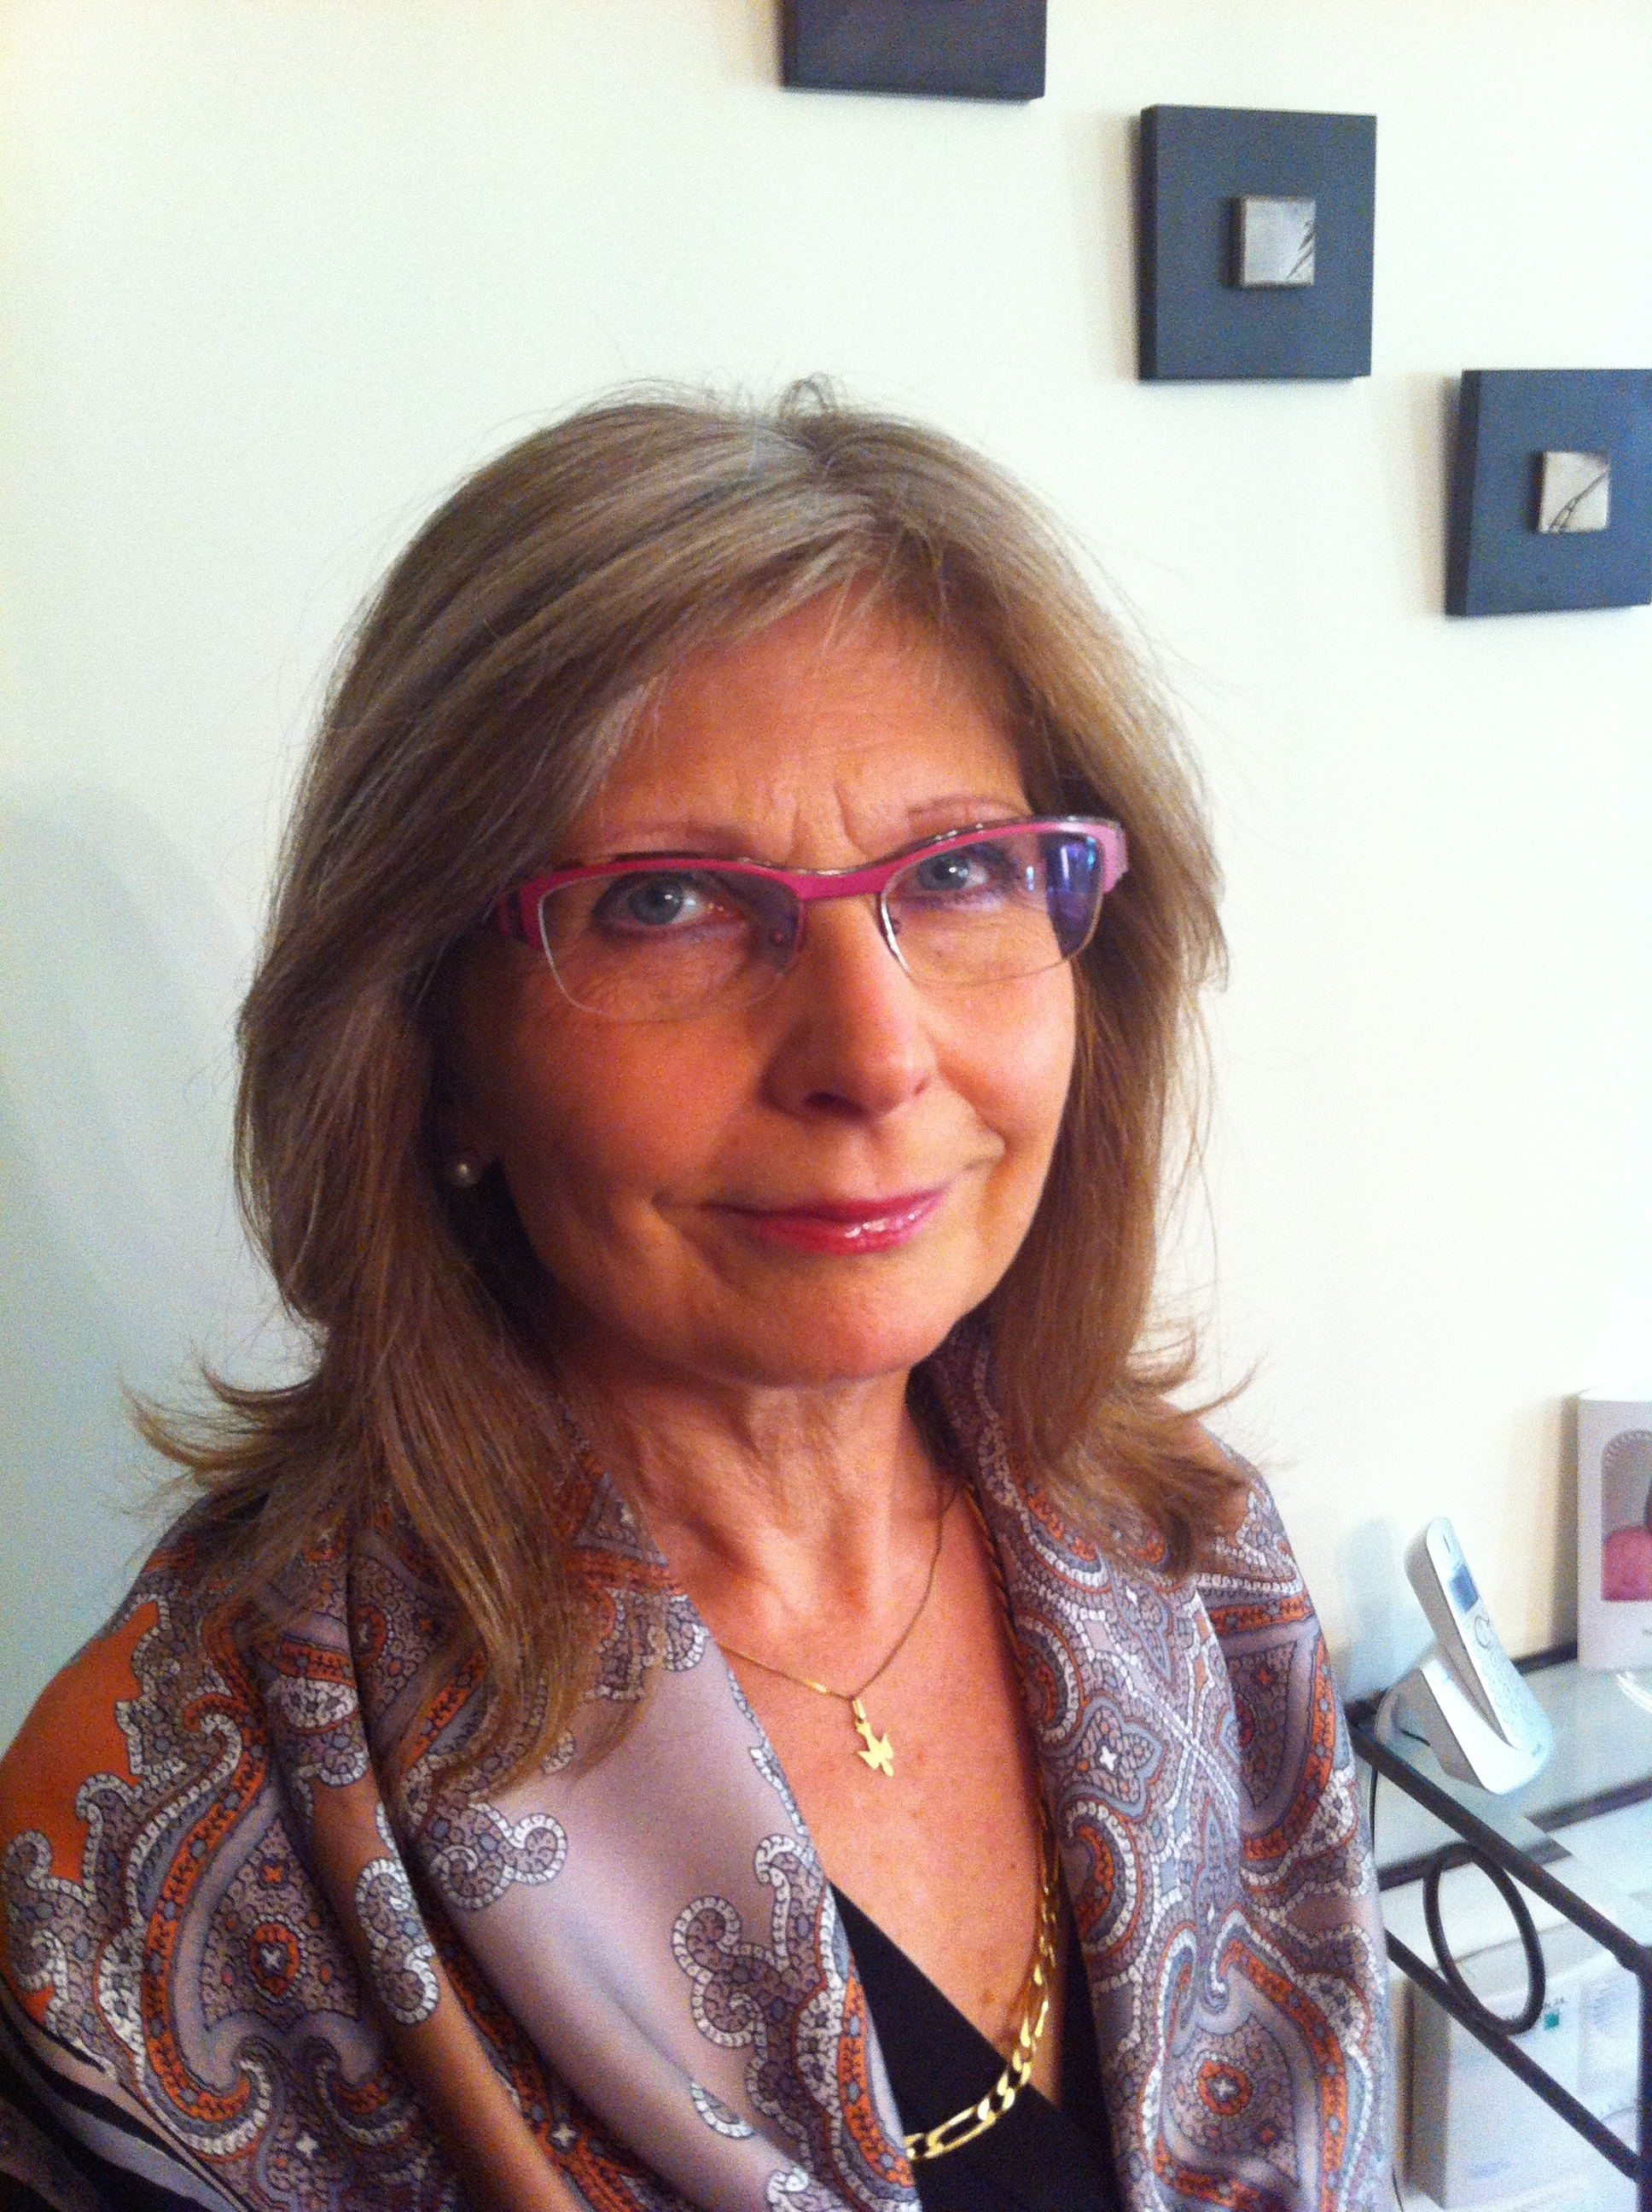 Dr. Goffard Myriam